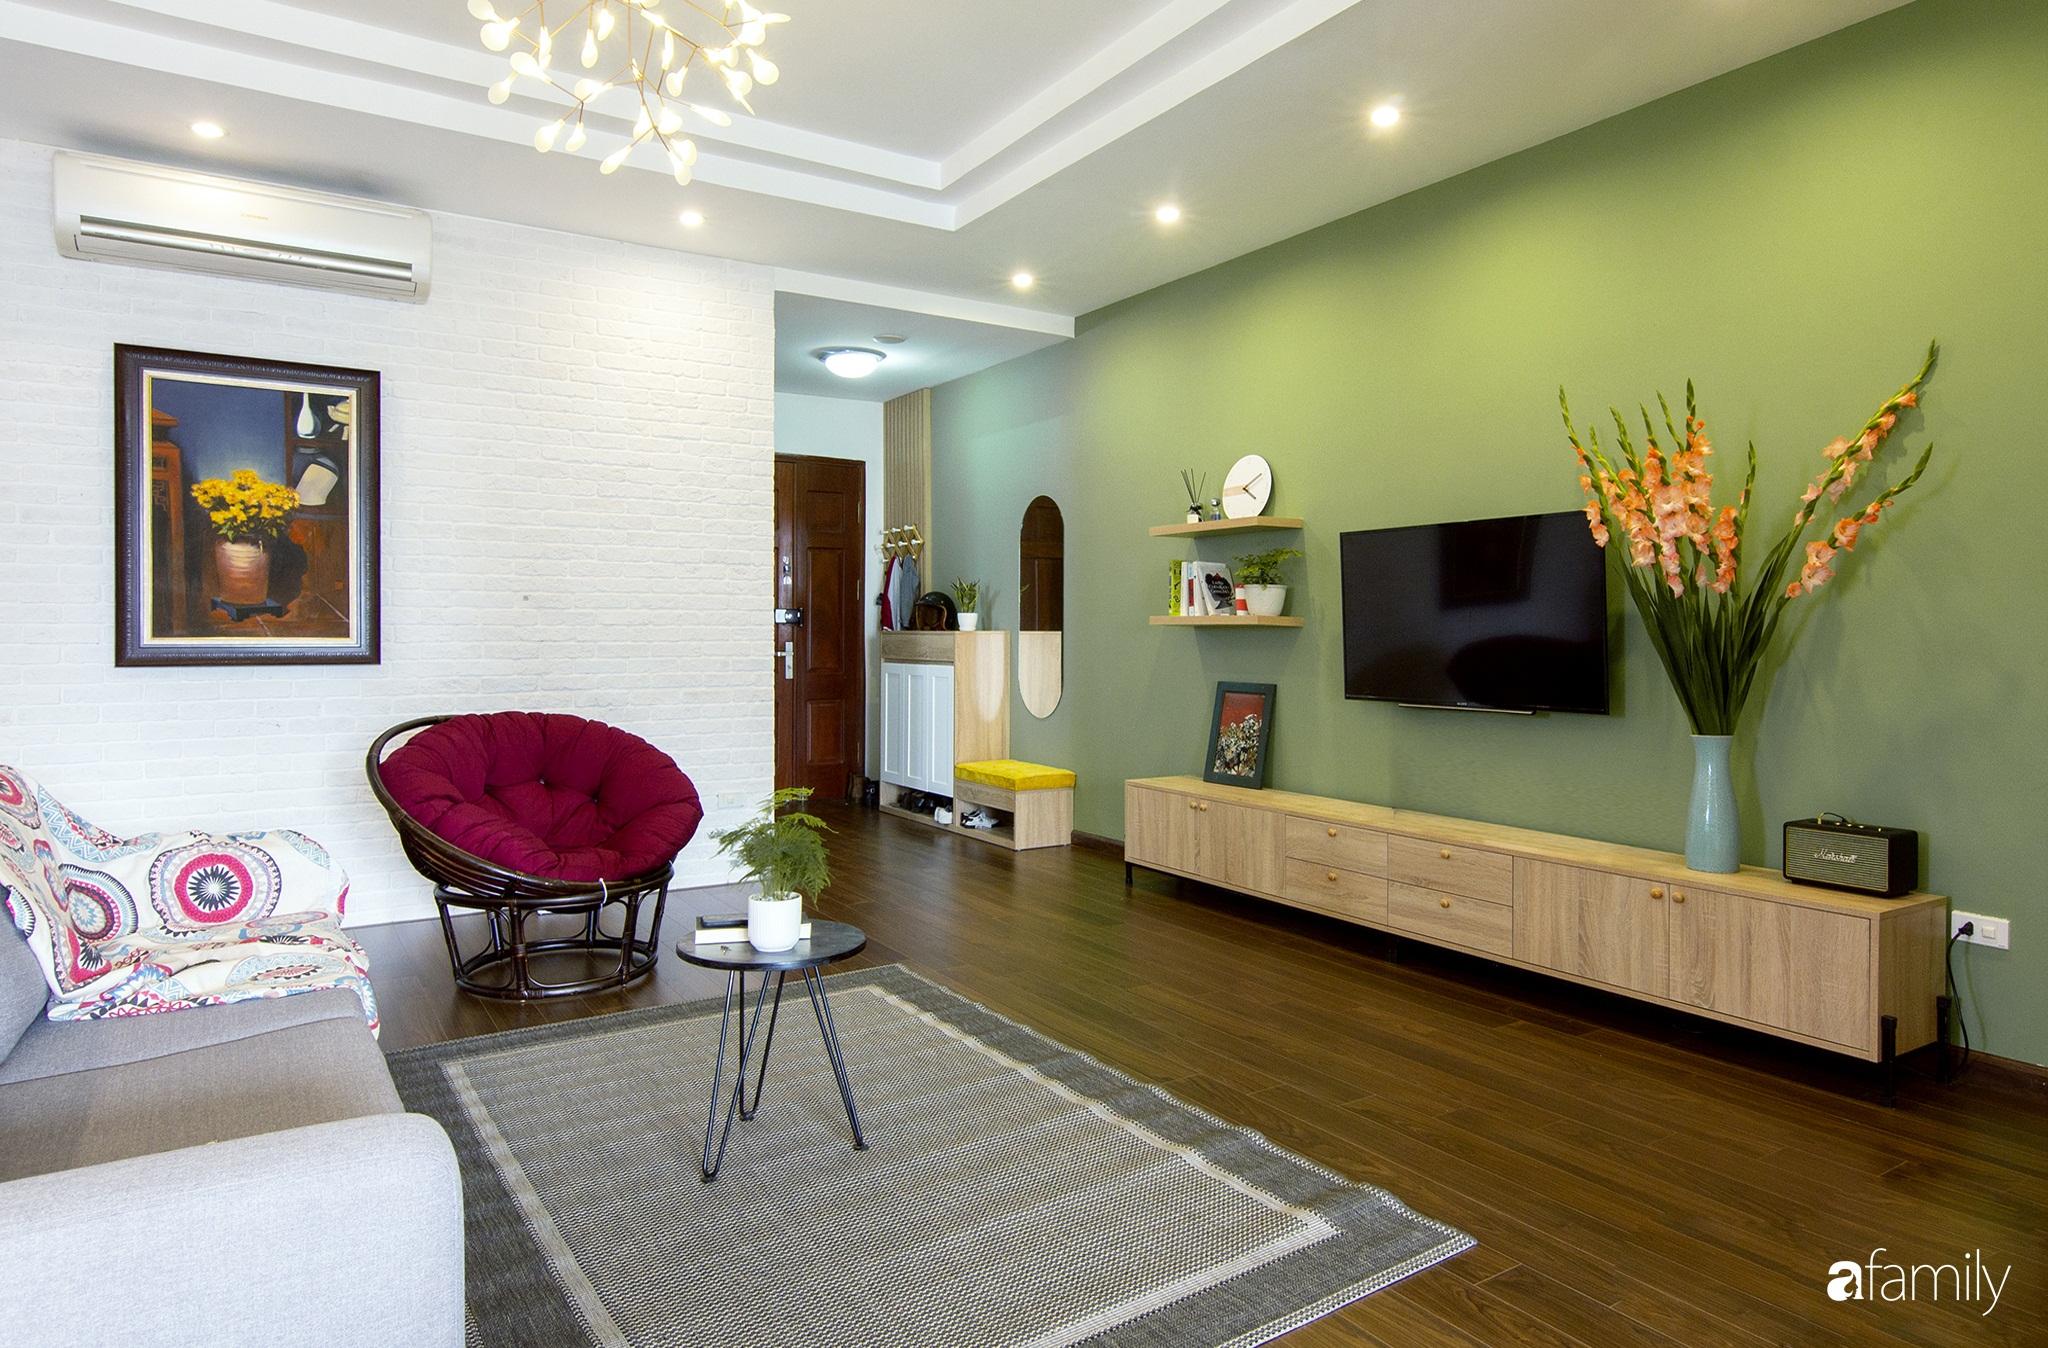 Căn hộ 150m² tối ưu không gian nhờ decor màu trung tính và phong cách hiện đại ở Cầu Giấy, Hà Nội - Ảnh 1.